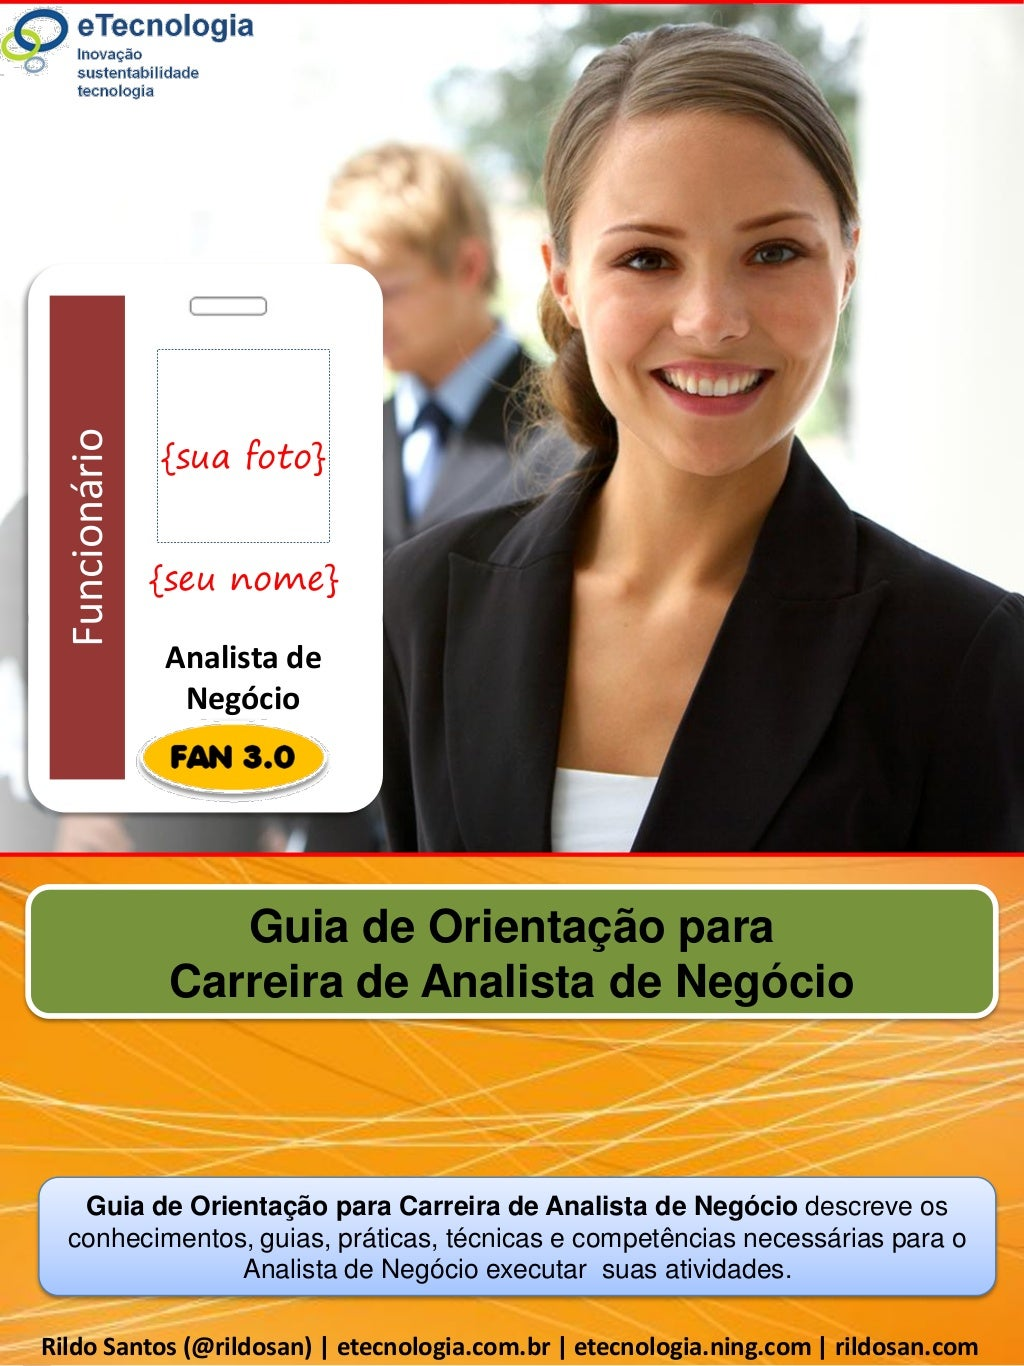 Carreira - Magazine cover